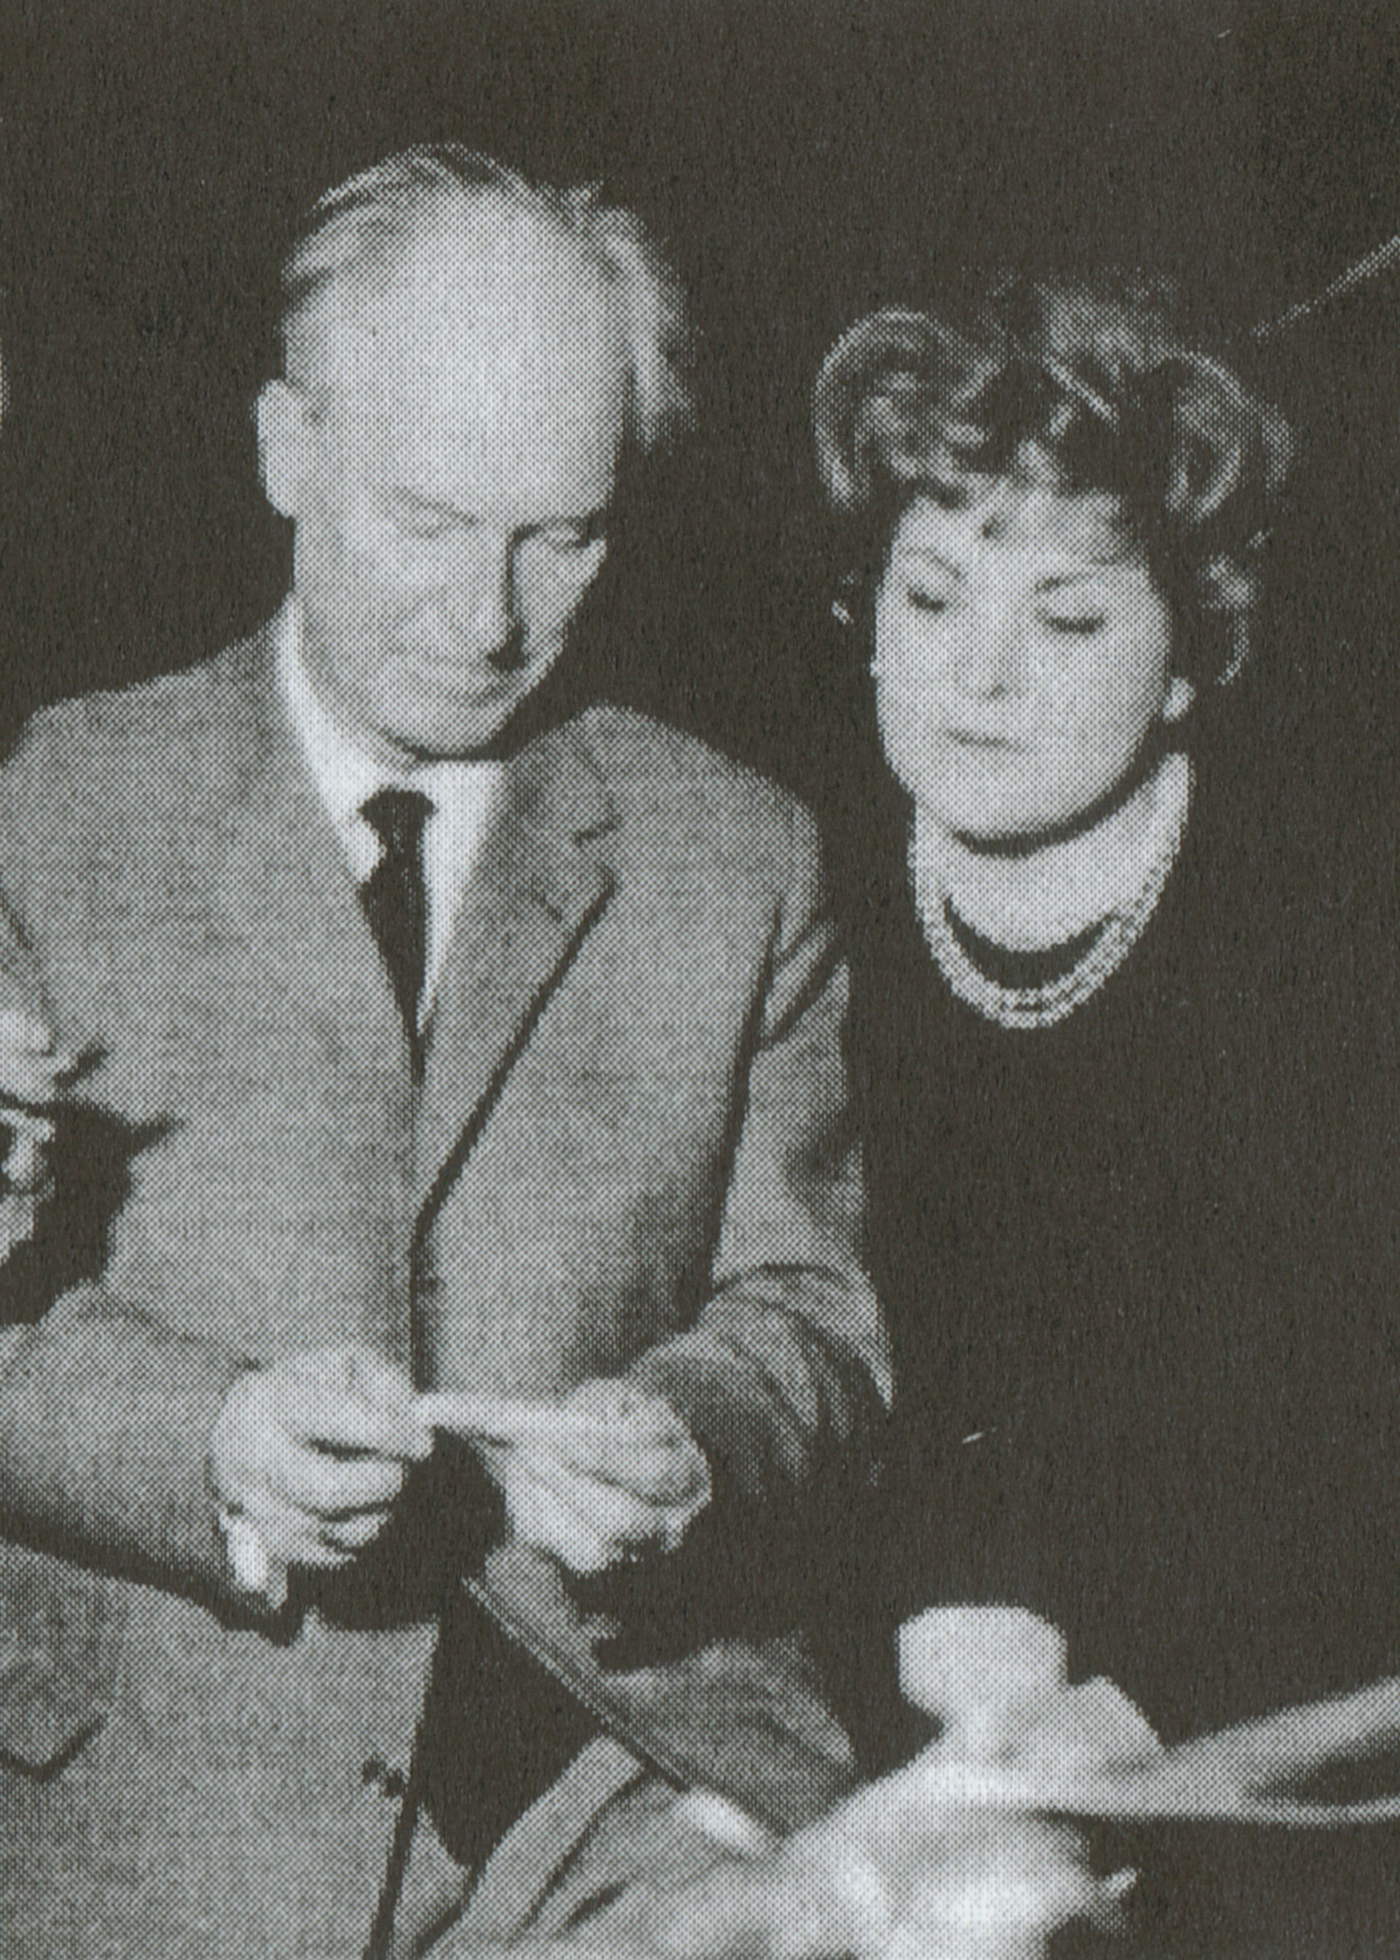 Ristenpart StichRandall Saarlouis Fraulautern 1964 enreg disque